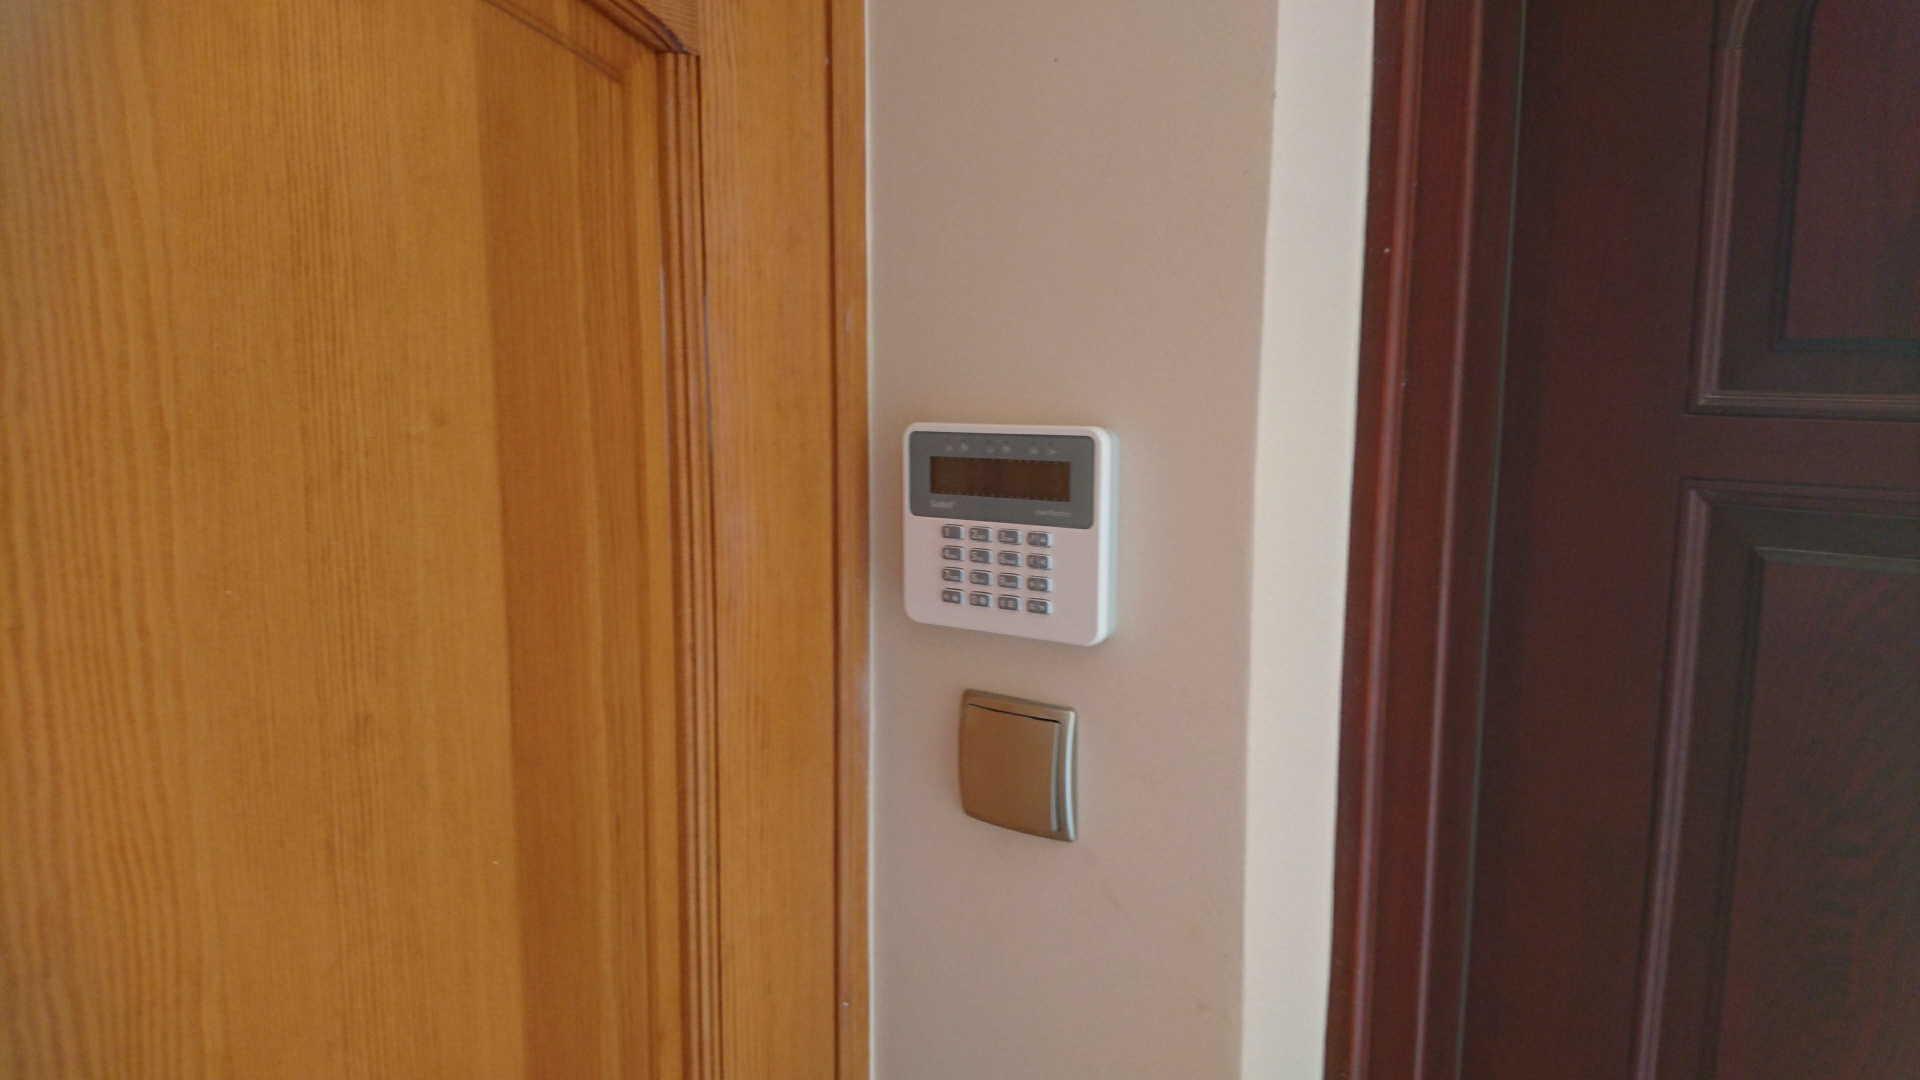 Bezprzewodowy system alarmowy.